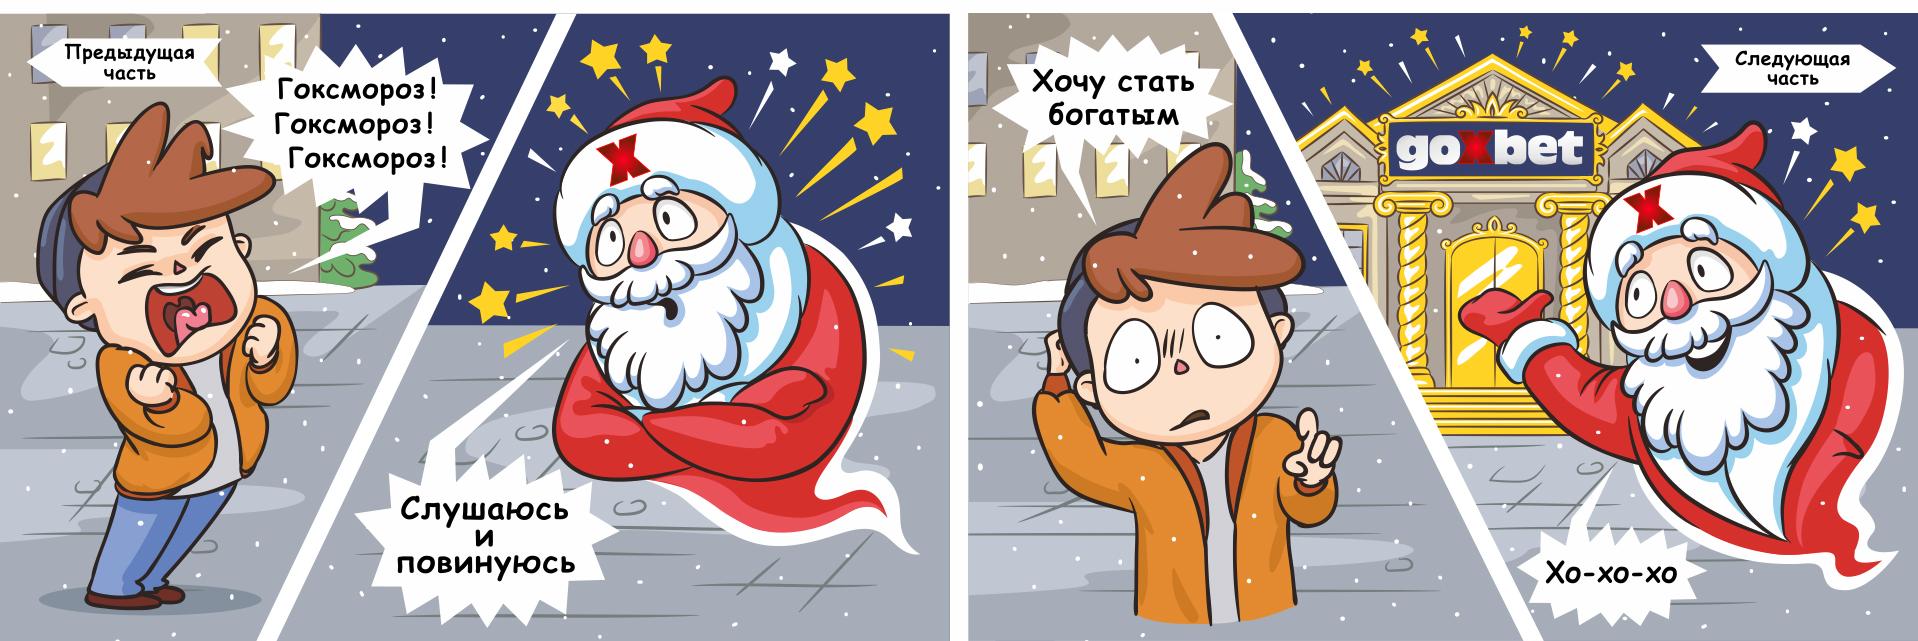 Новый год (разработка иллюстраций)